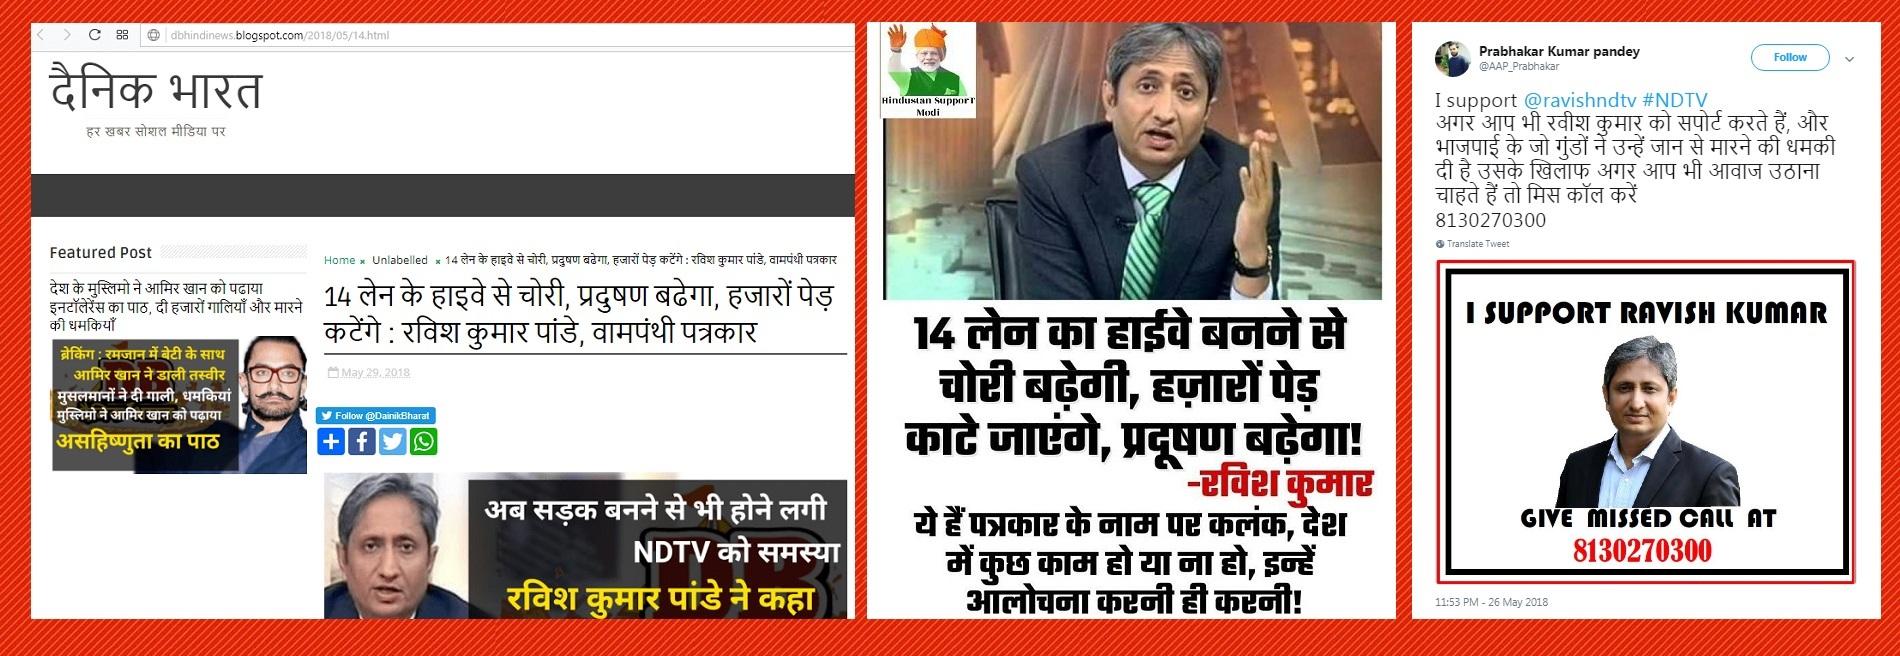 RavishKumarFakeNews